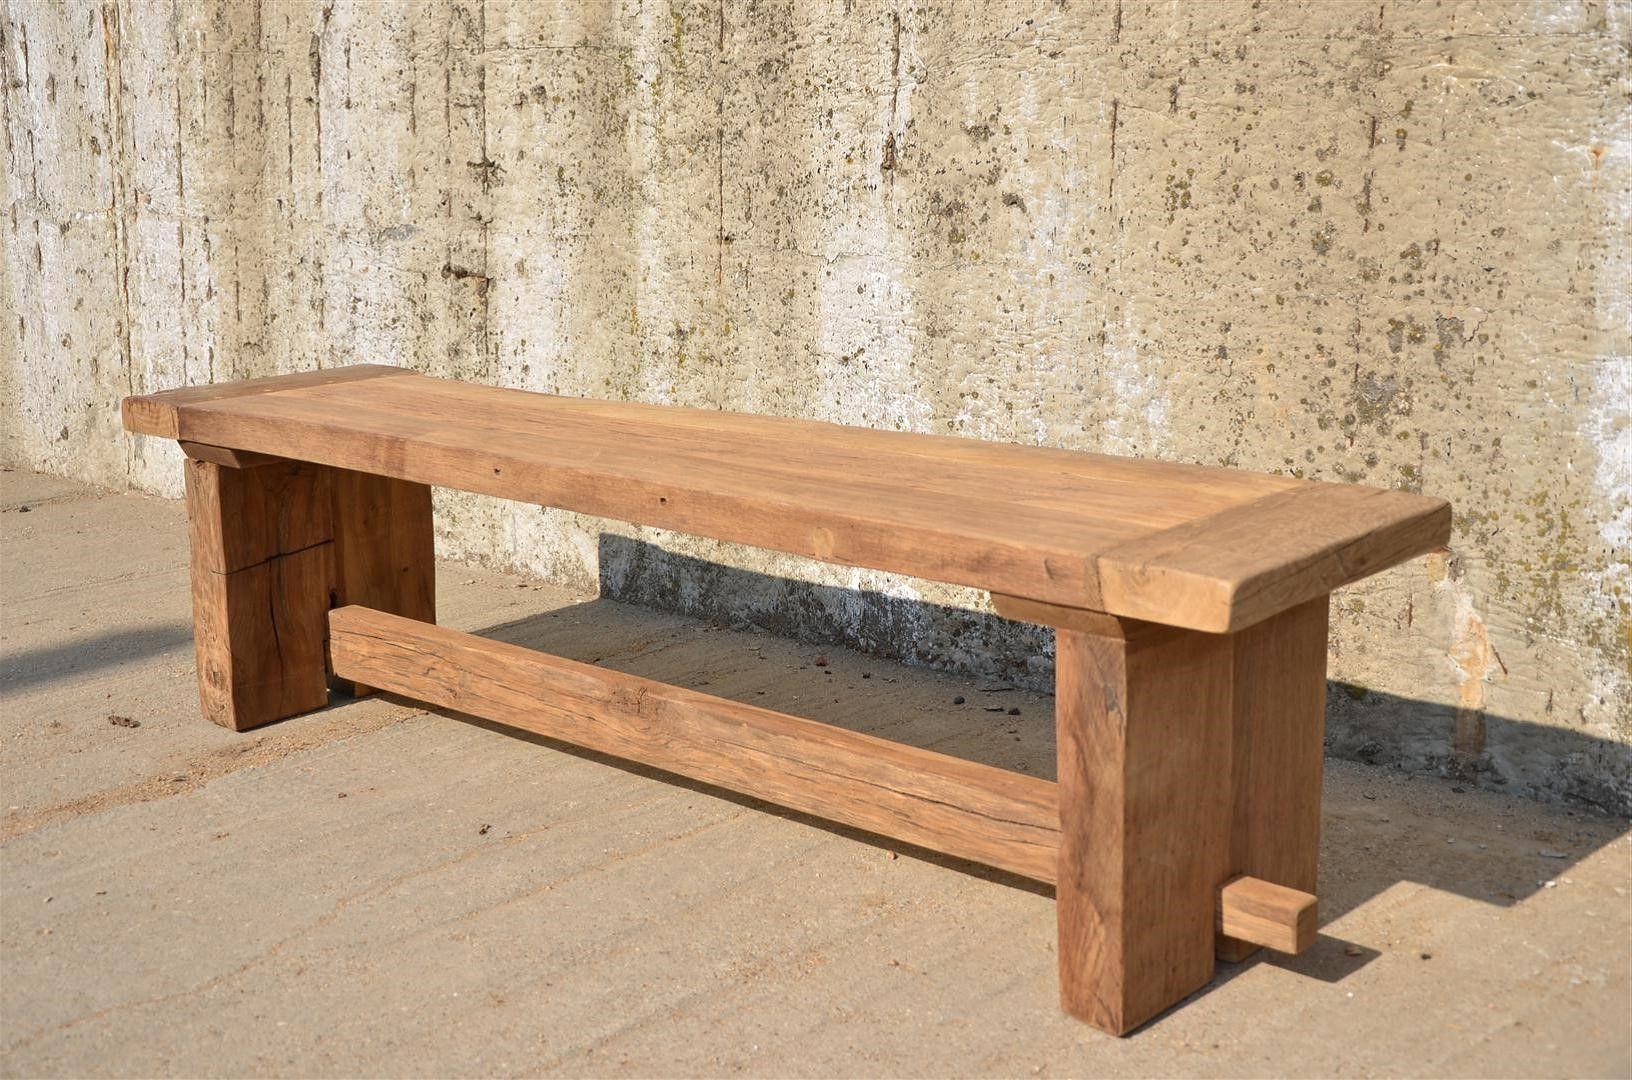 woodbench diy - Google zoeken | Diy muebles | Pinterest